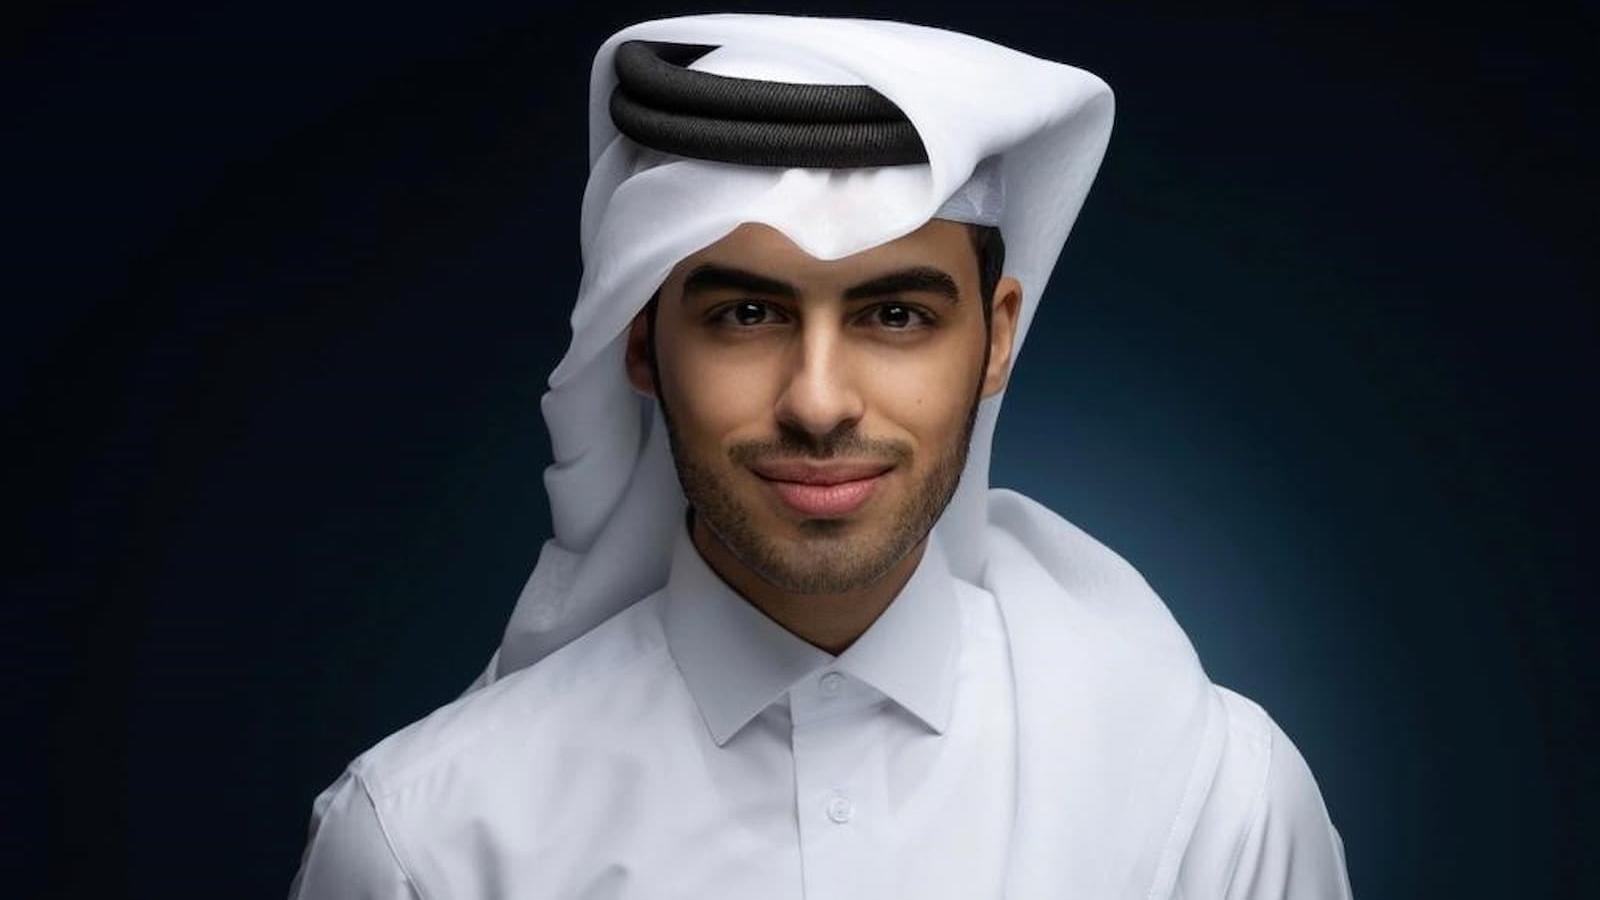 QL Exclusive: An interview with Qatari digital artist Nasser Alkubaisi